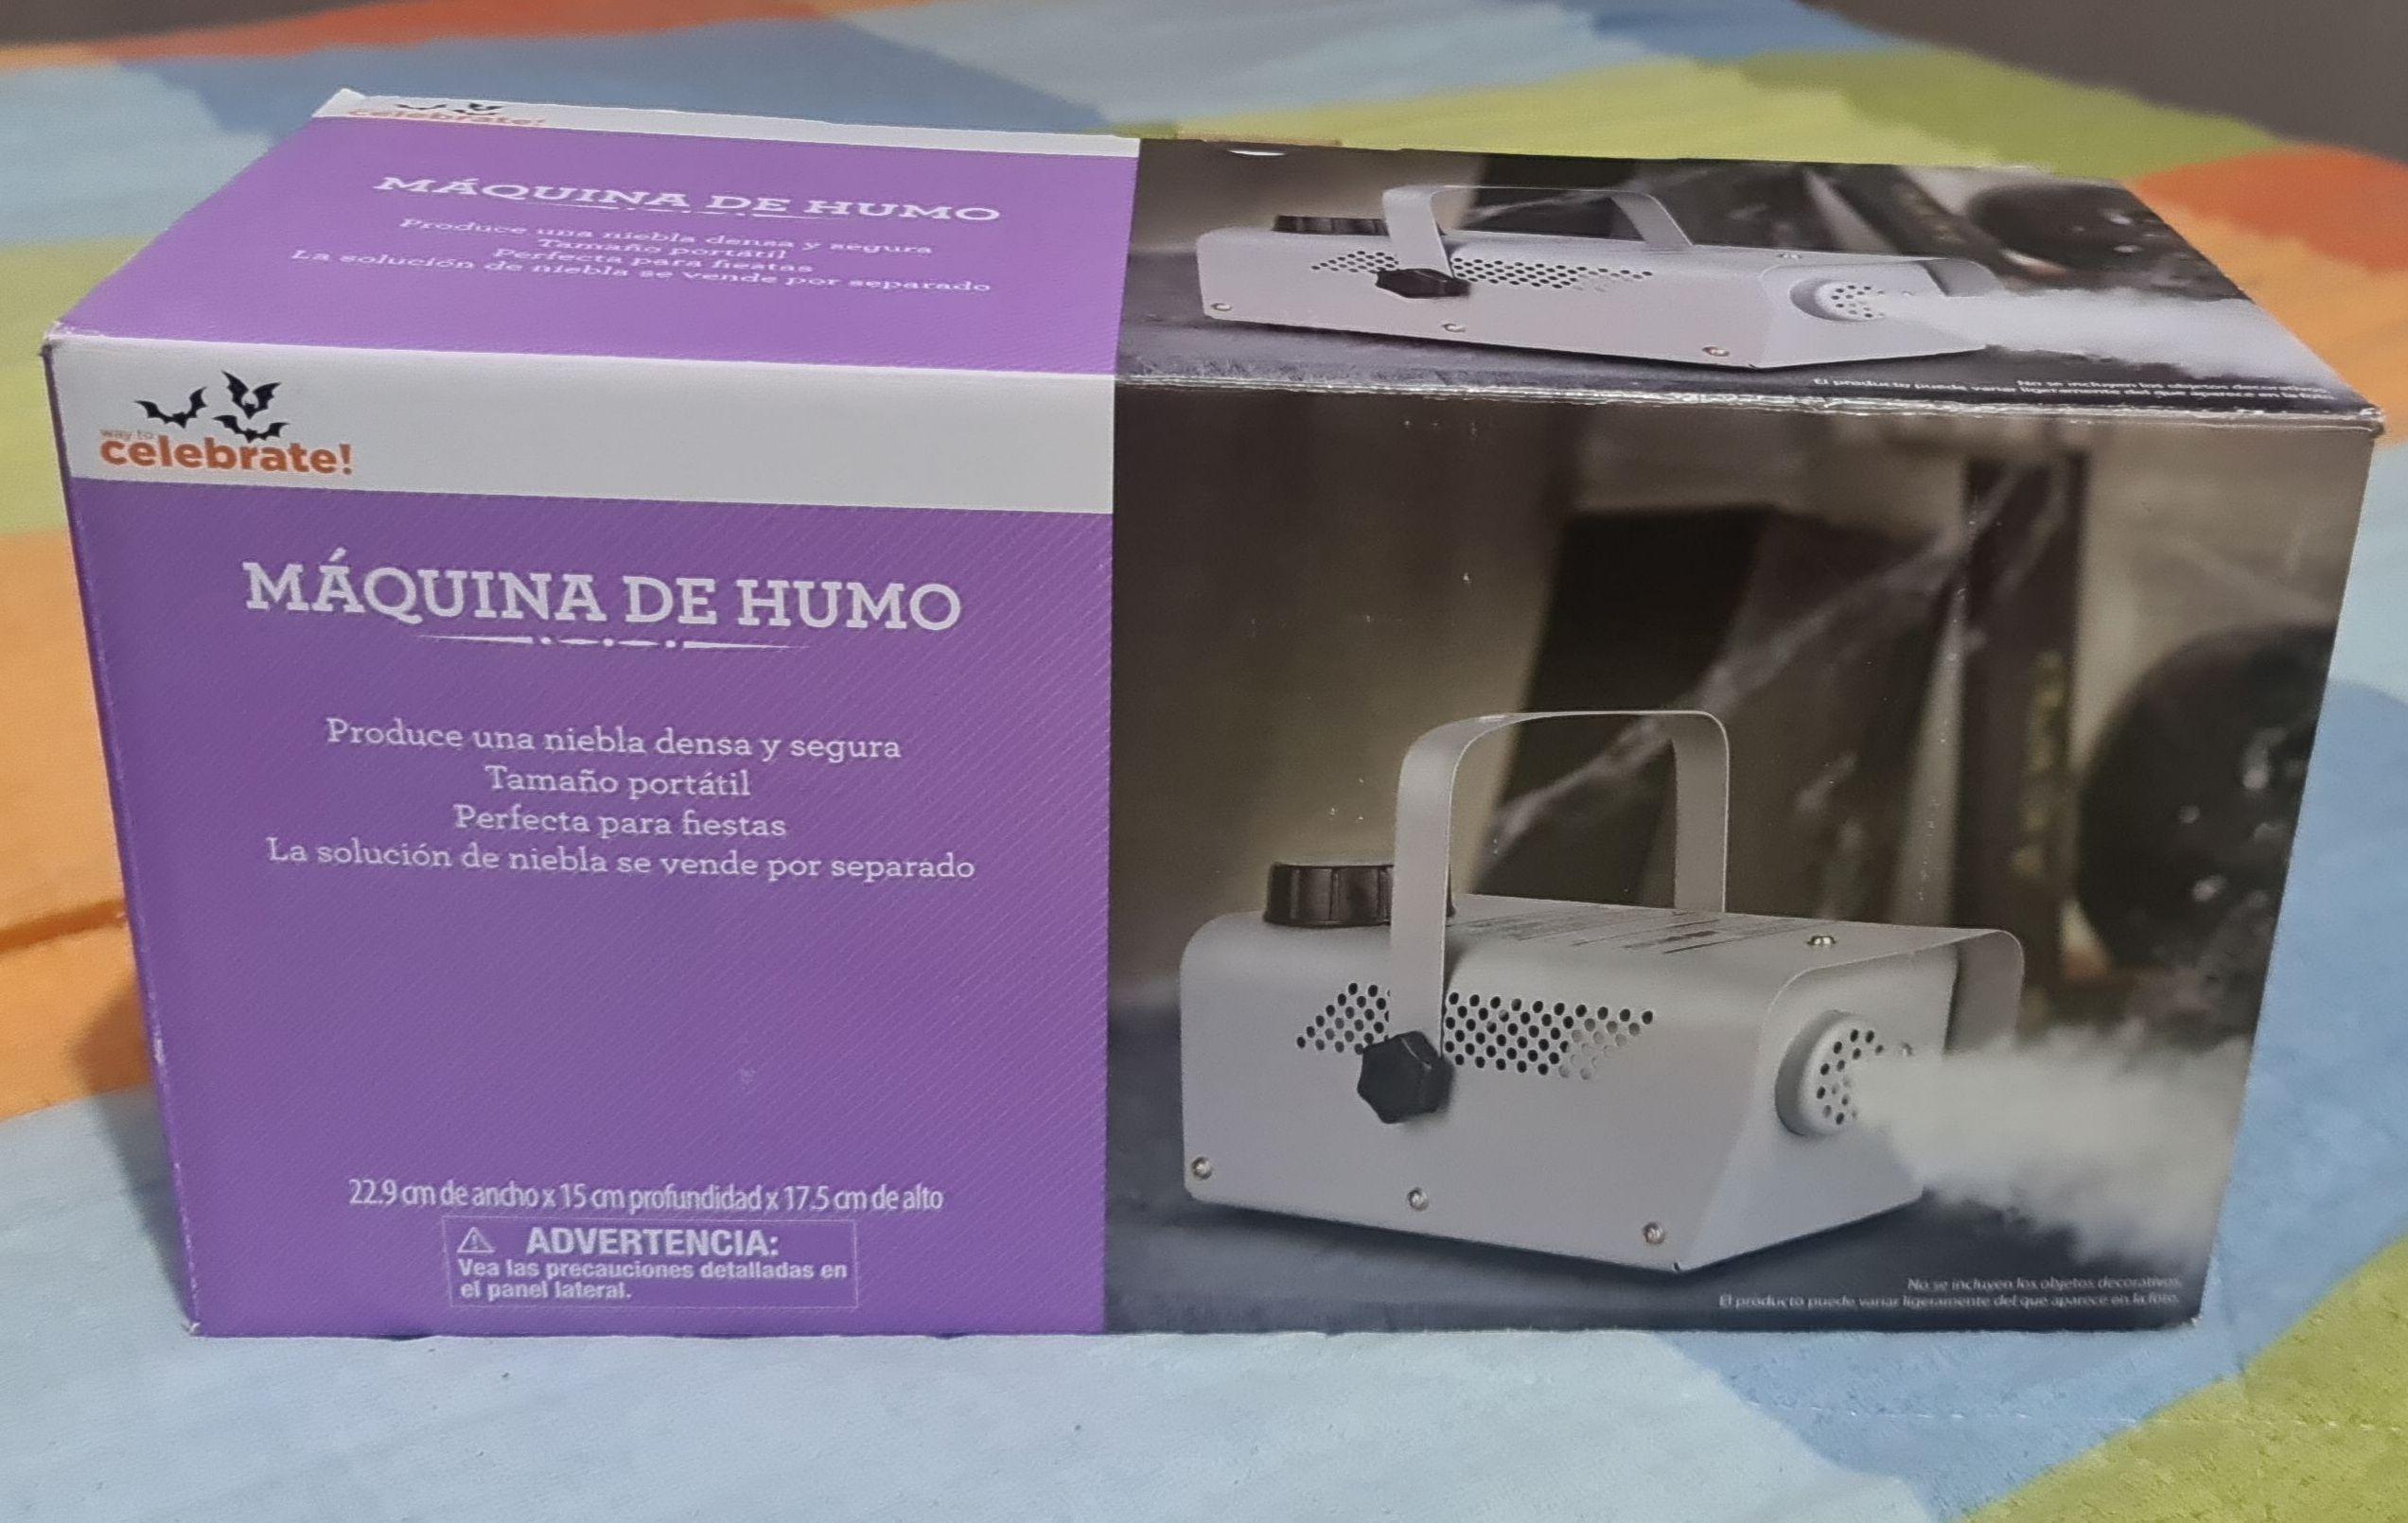 WALMART: MAQUINA DE HUMO